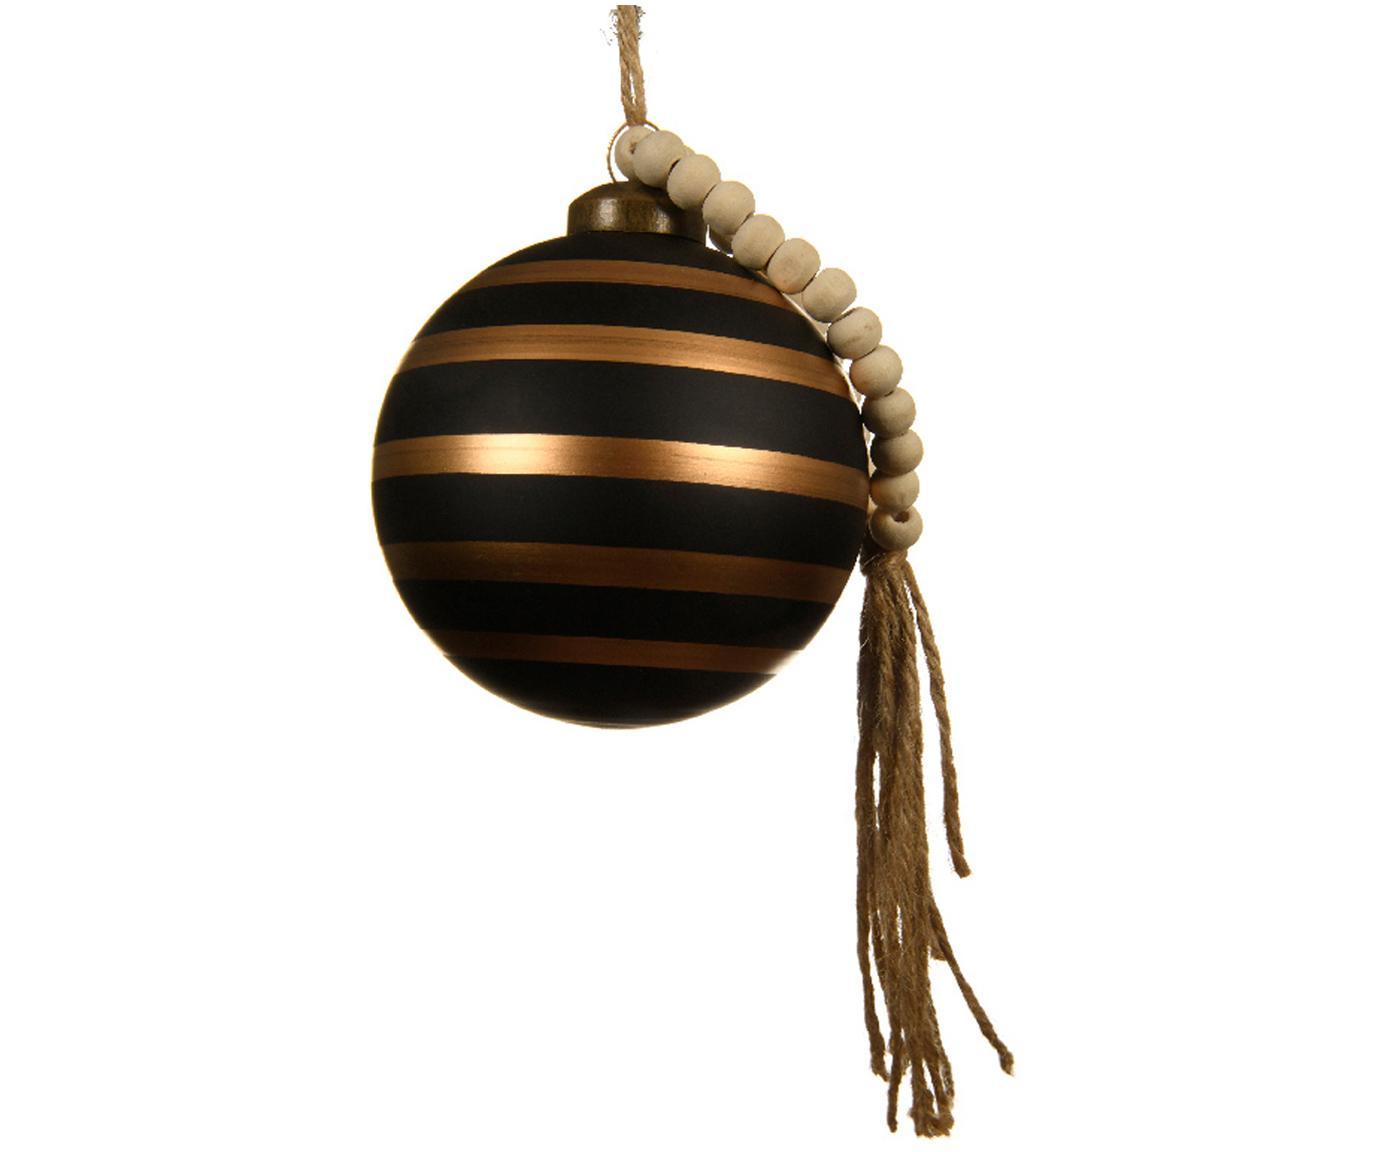 Weihnachtskugeln Gold Lines Ø8cm, 2Stück, Schwarz, Braun, Ø 8 cm